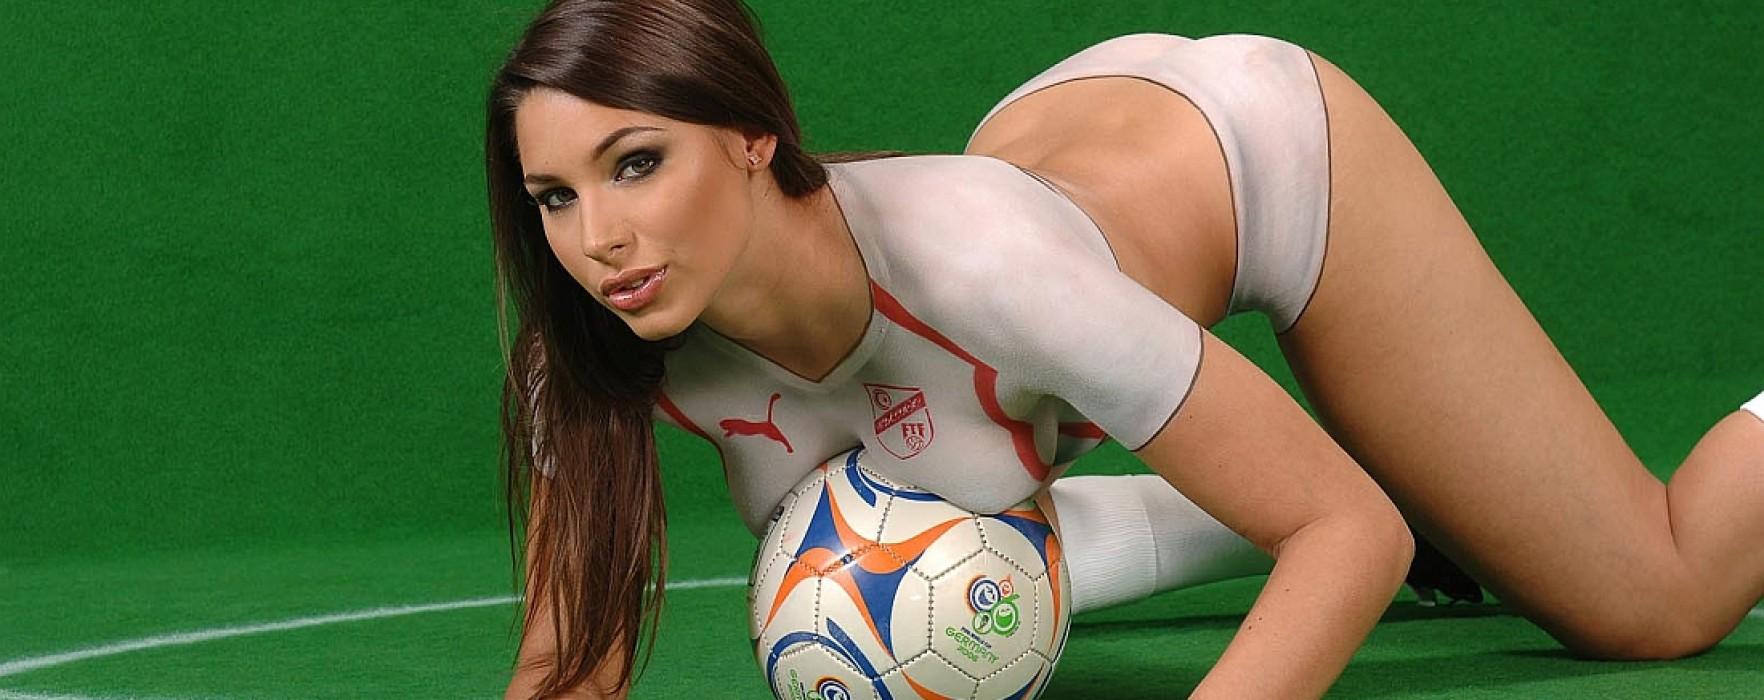 Campionatul Mondial de fotbal perturbă traficul de pe site-urile porno